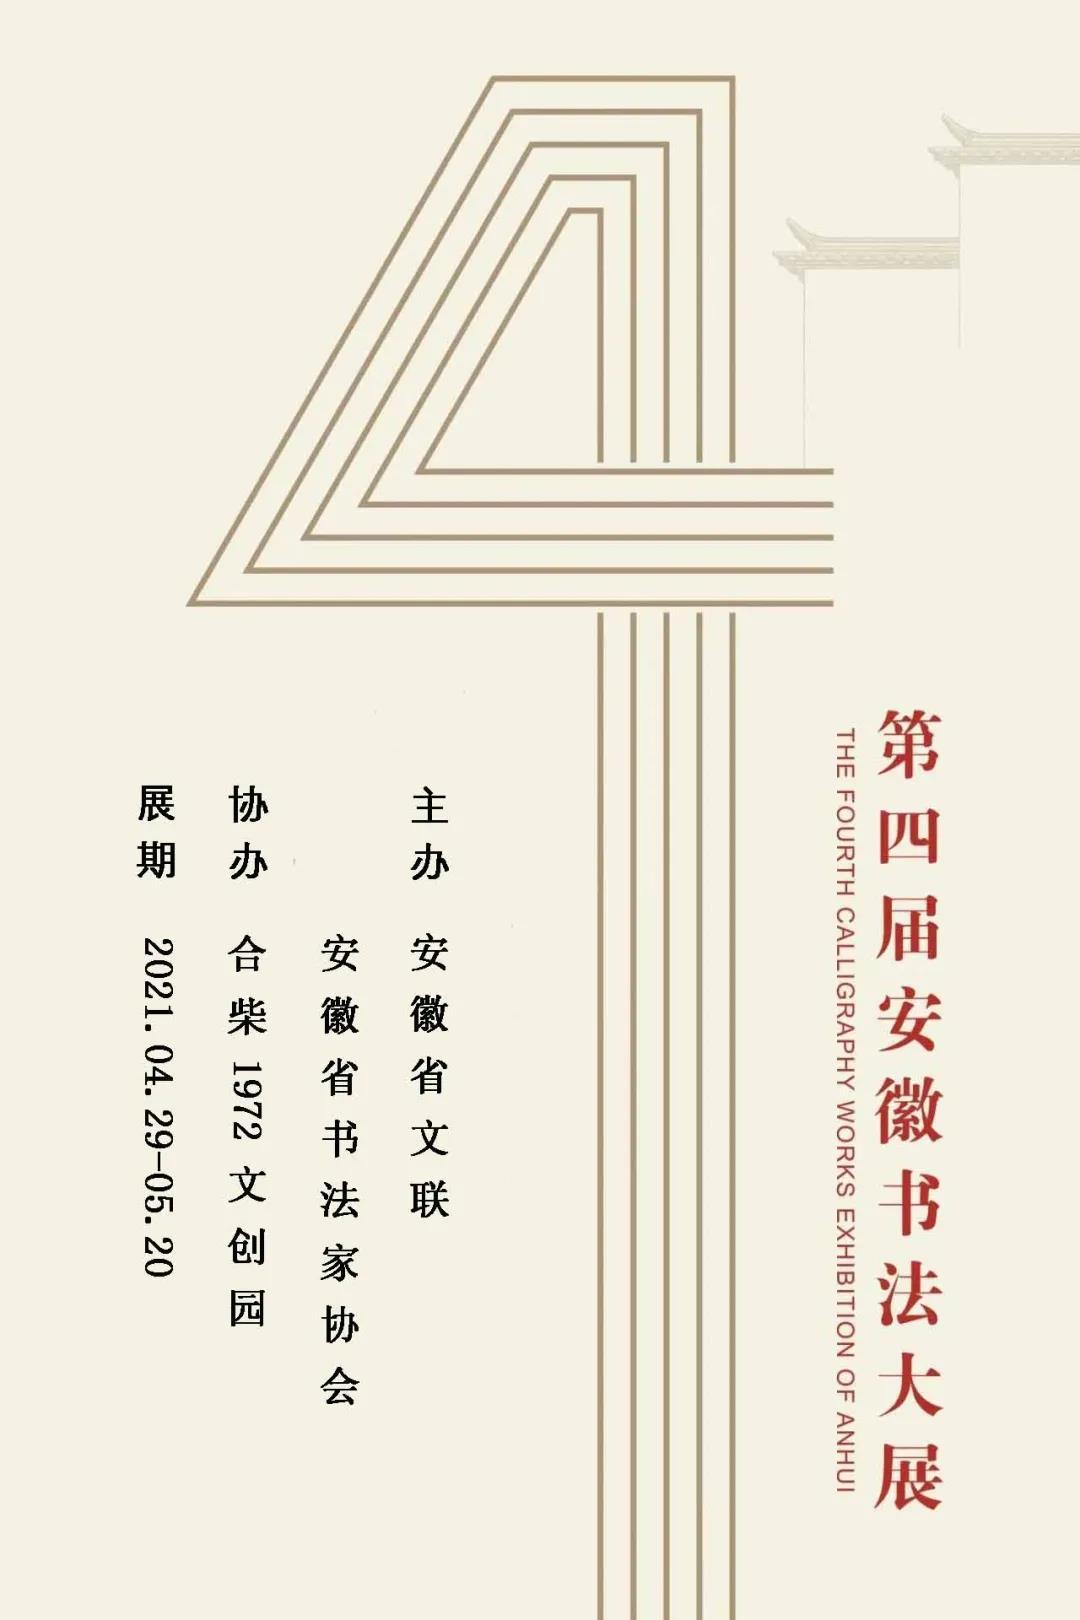 第四届安徽书法大展(巡展)将在合柴1972开展(图1)